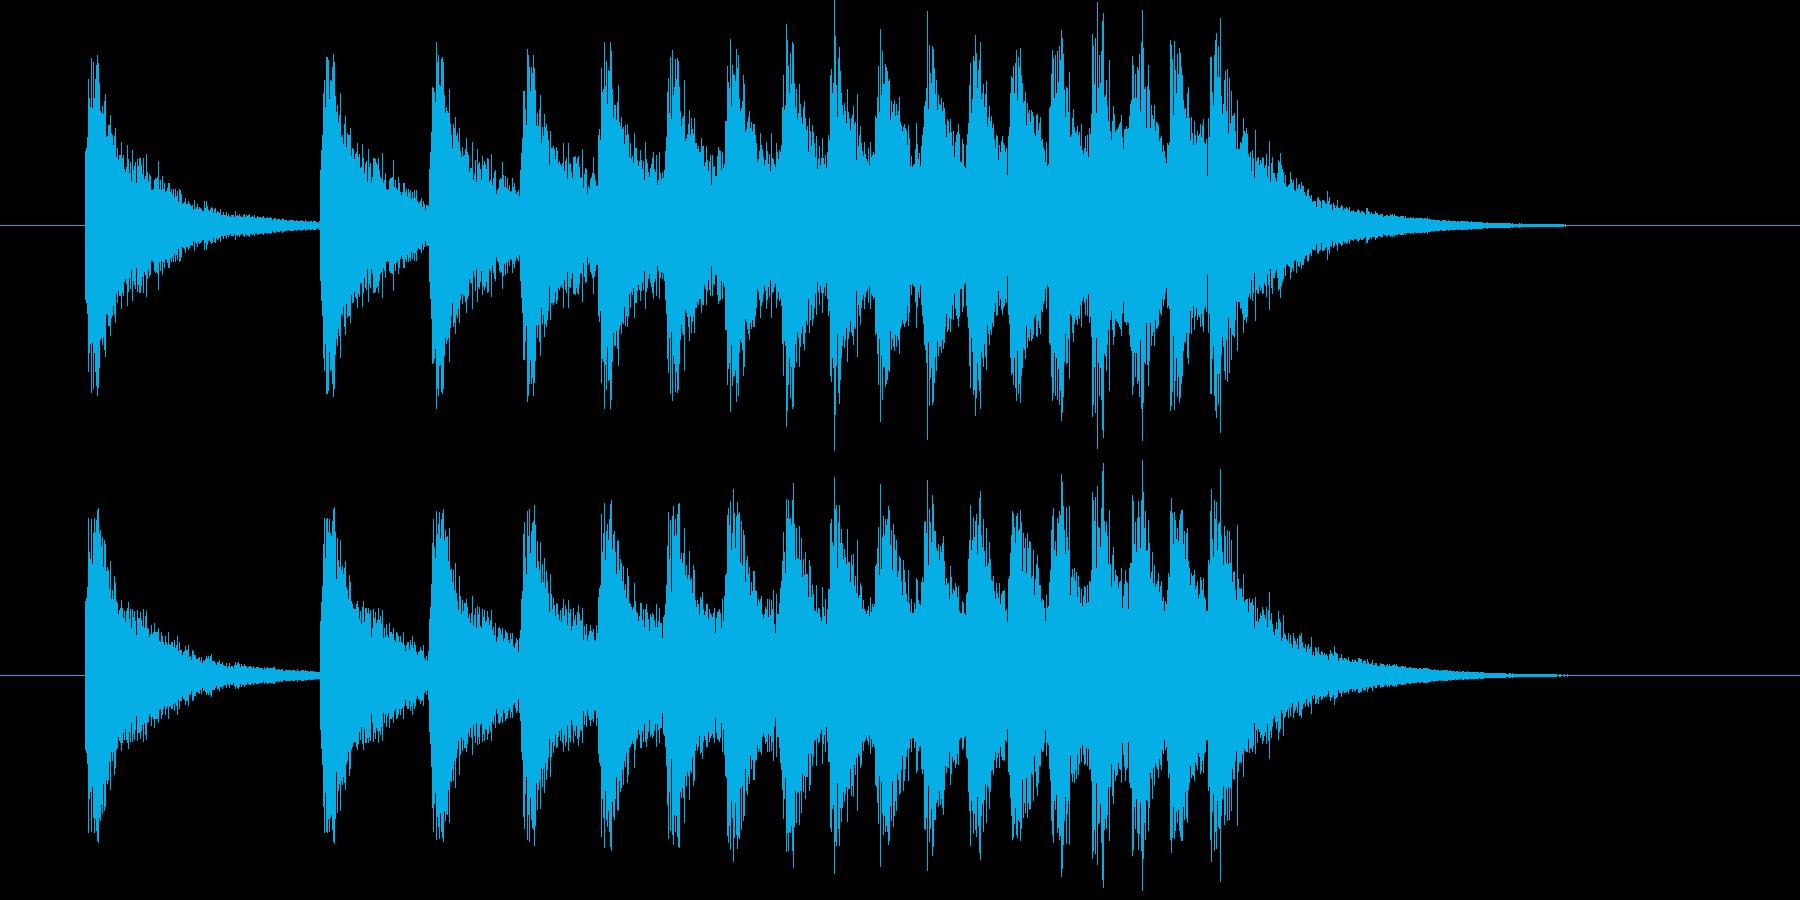 [シャン]中華風シンバル/中国/01の再生済みの波形